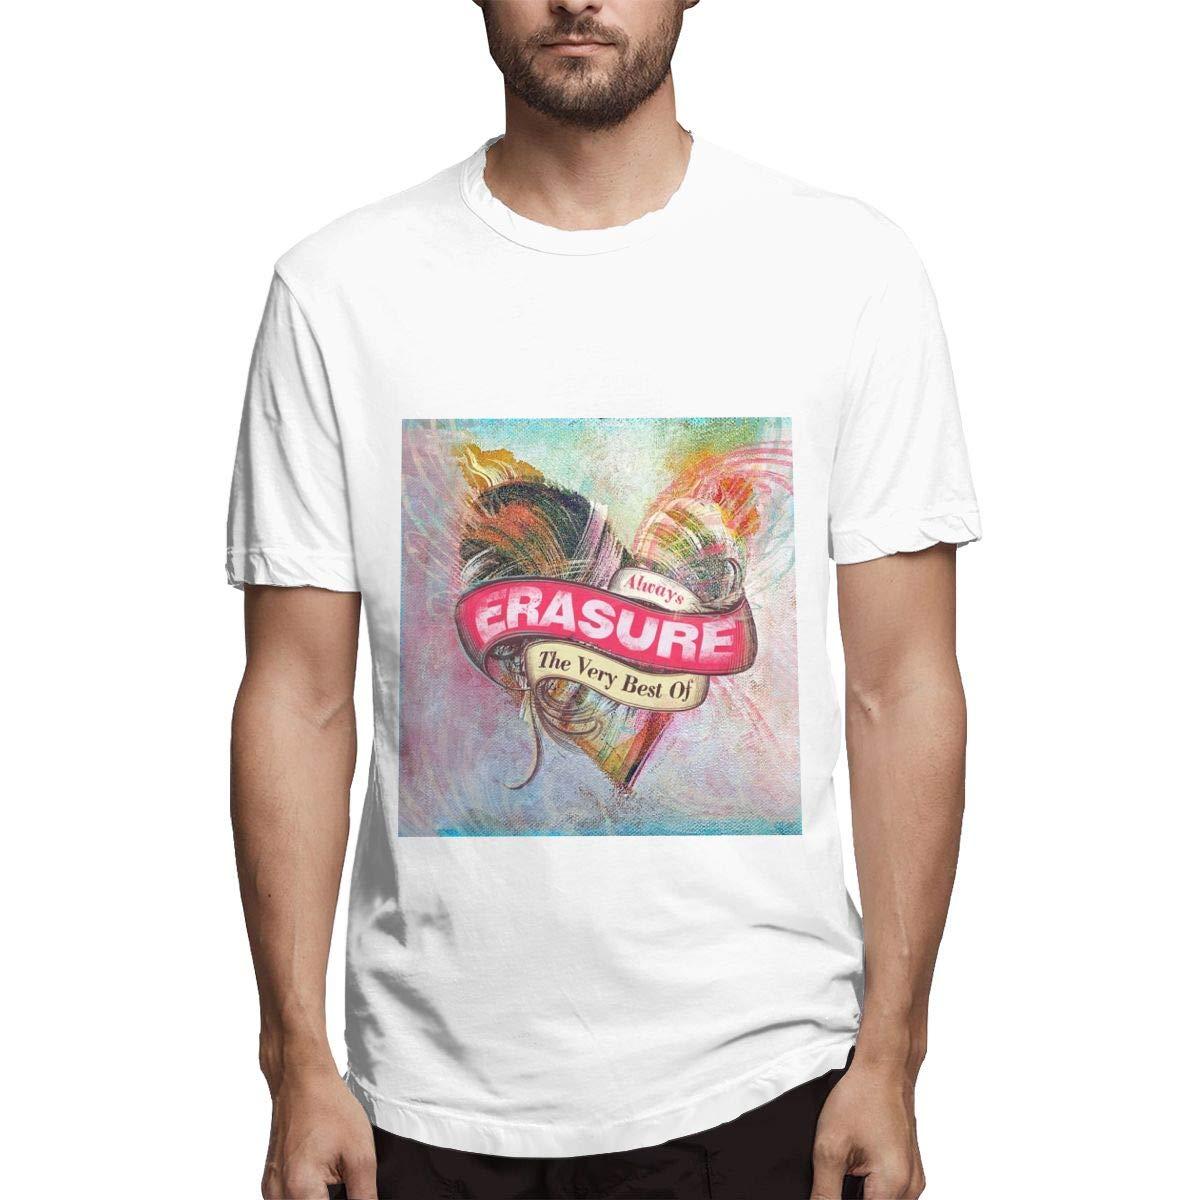 Lihehen S Erasure Retro Printing Round Neck Shirts